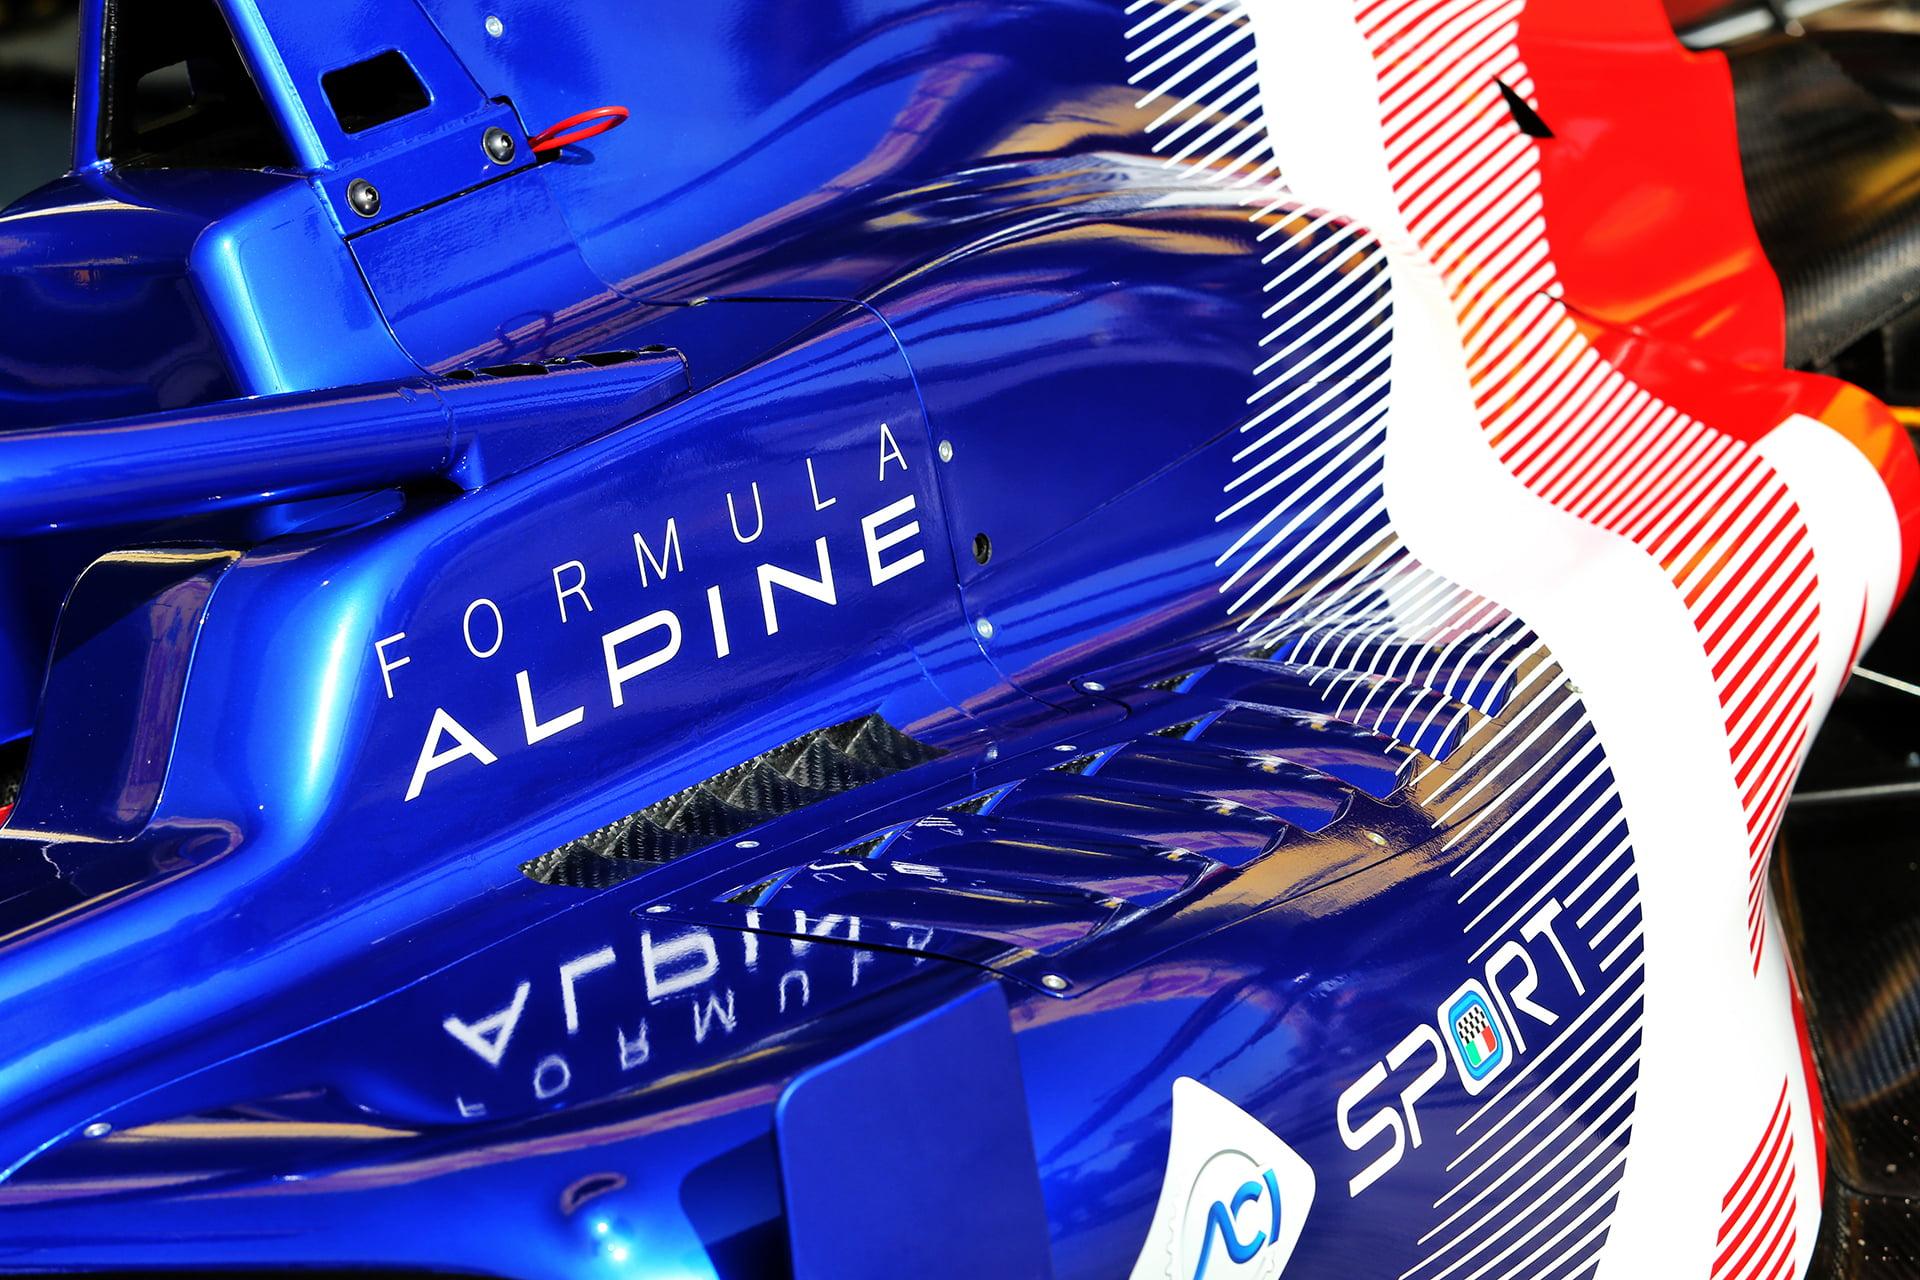 Alpine tendrá un nuevo team principal para su equipo de F1 en breve.